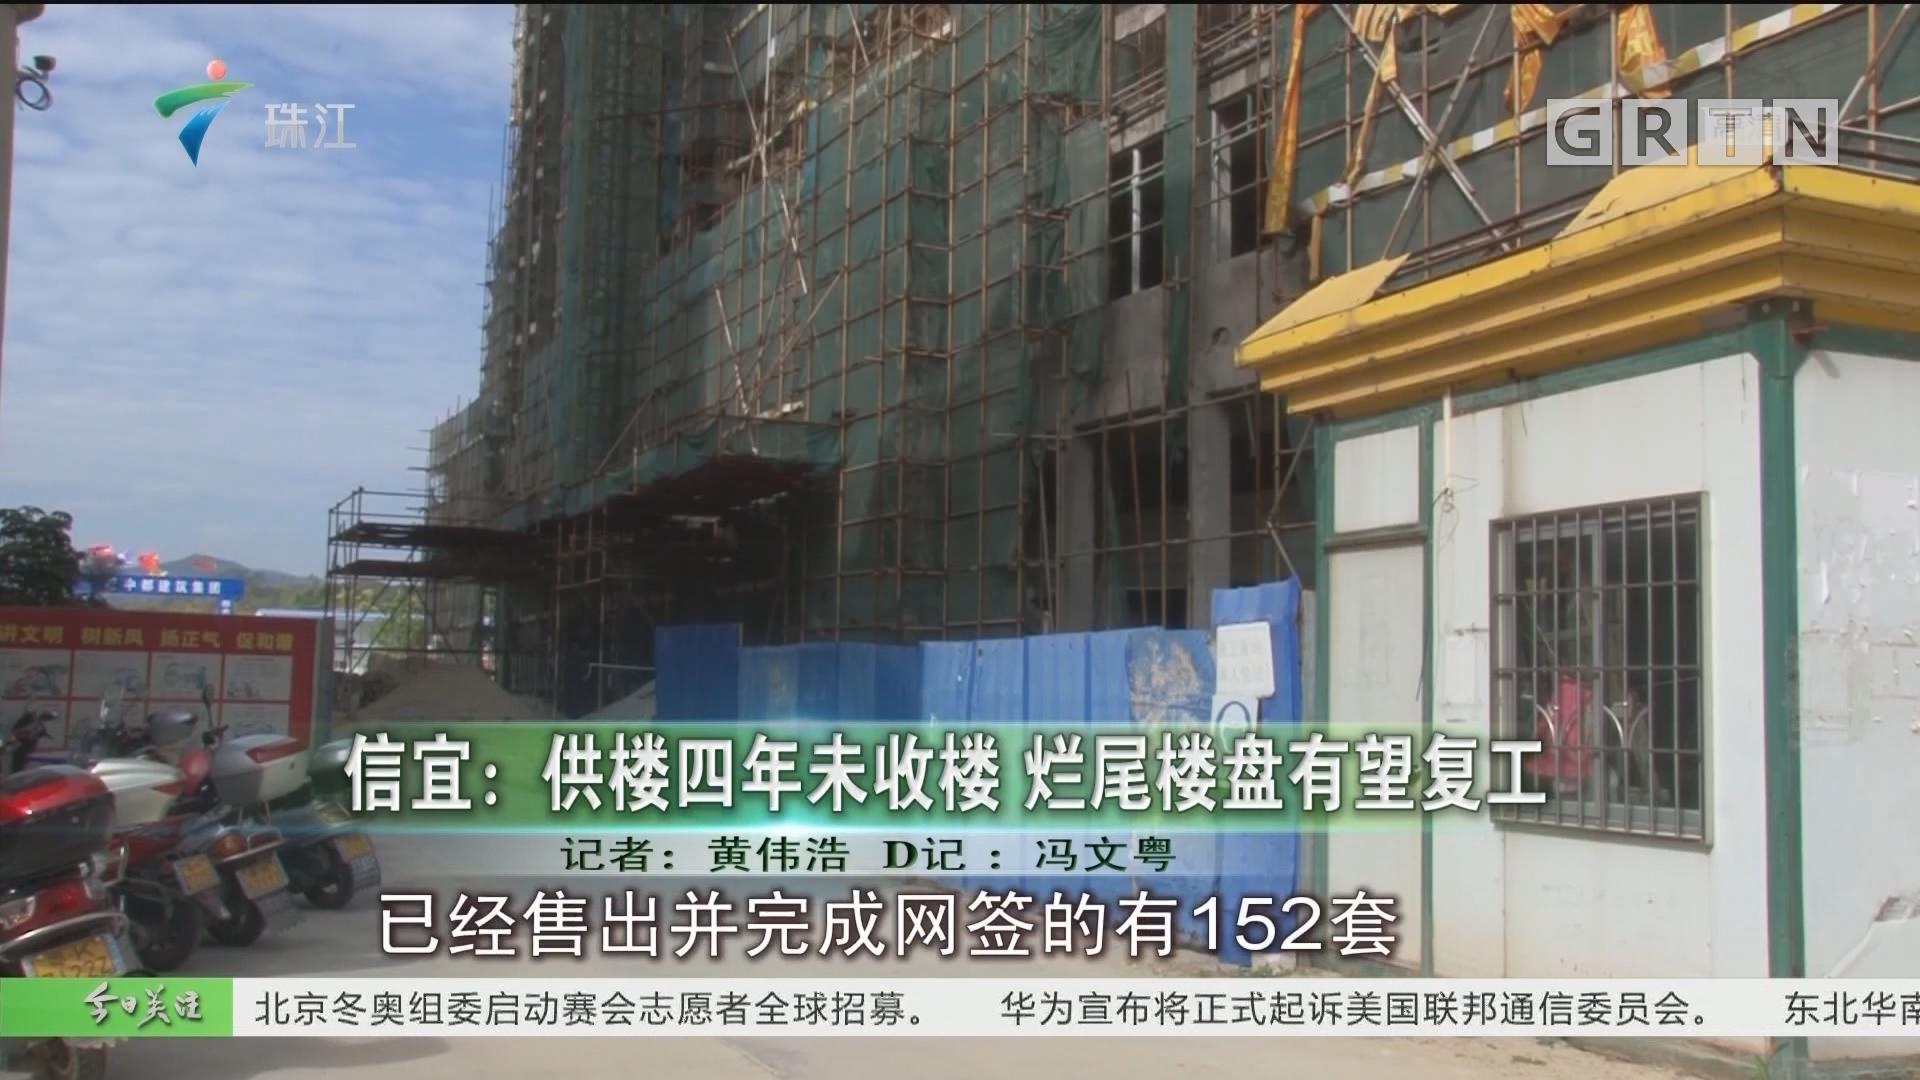 信宜:供楼四年未收楼 烂尾楼盘有望复工